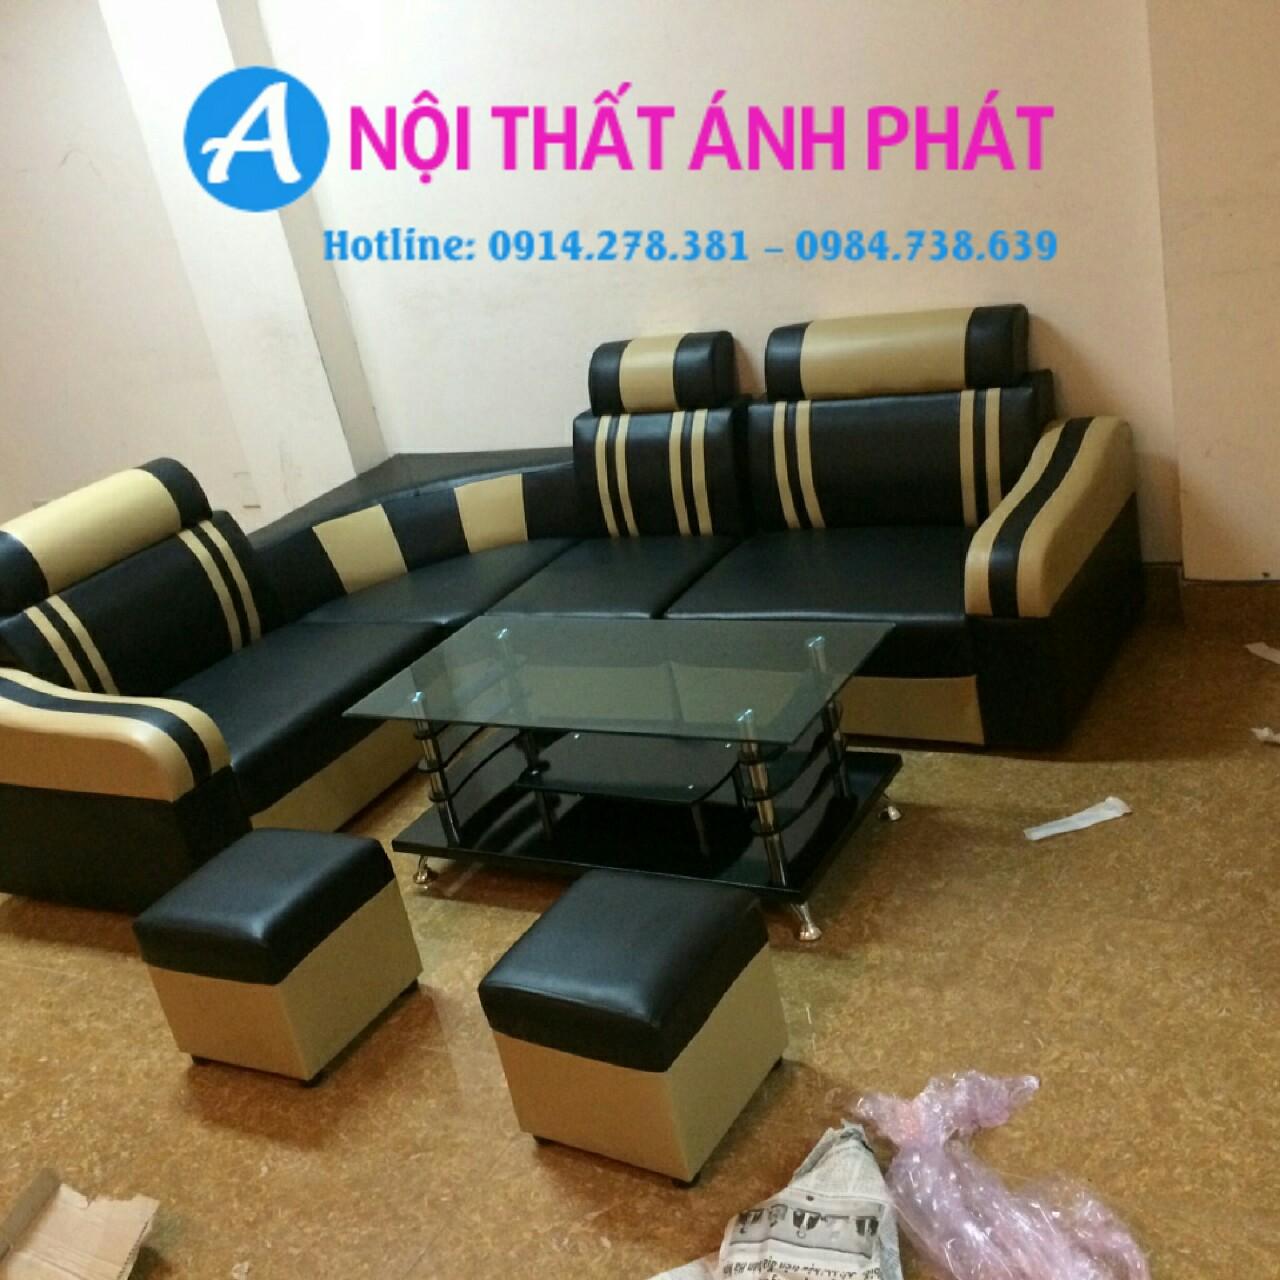 Địa chỉ thanh lý bàn ghế sofa  chất lượng tại Long Biên